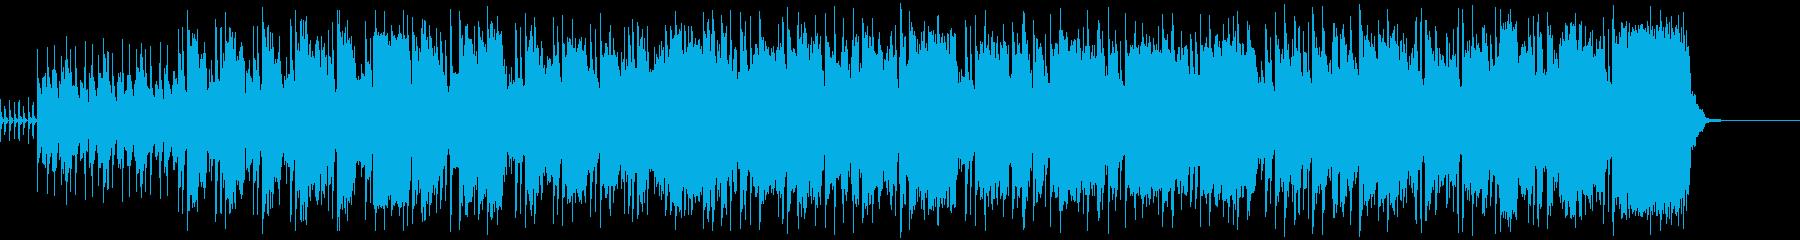 ラテンポップの再生済みの波形